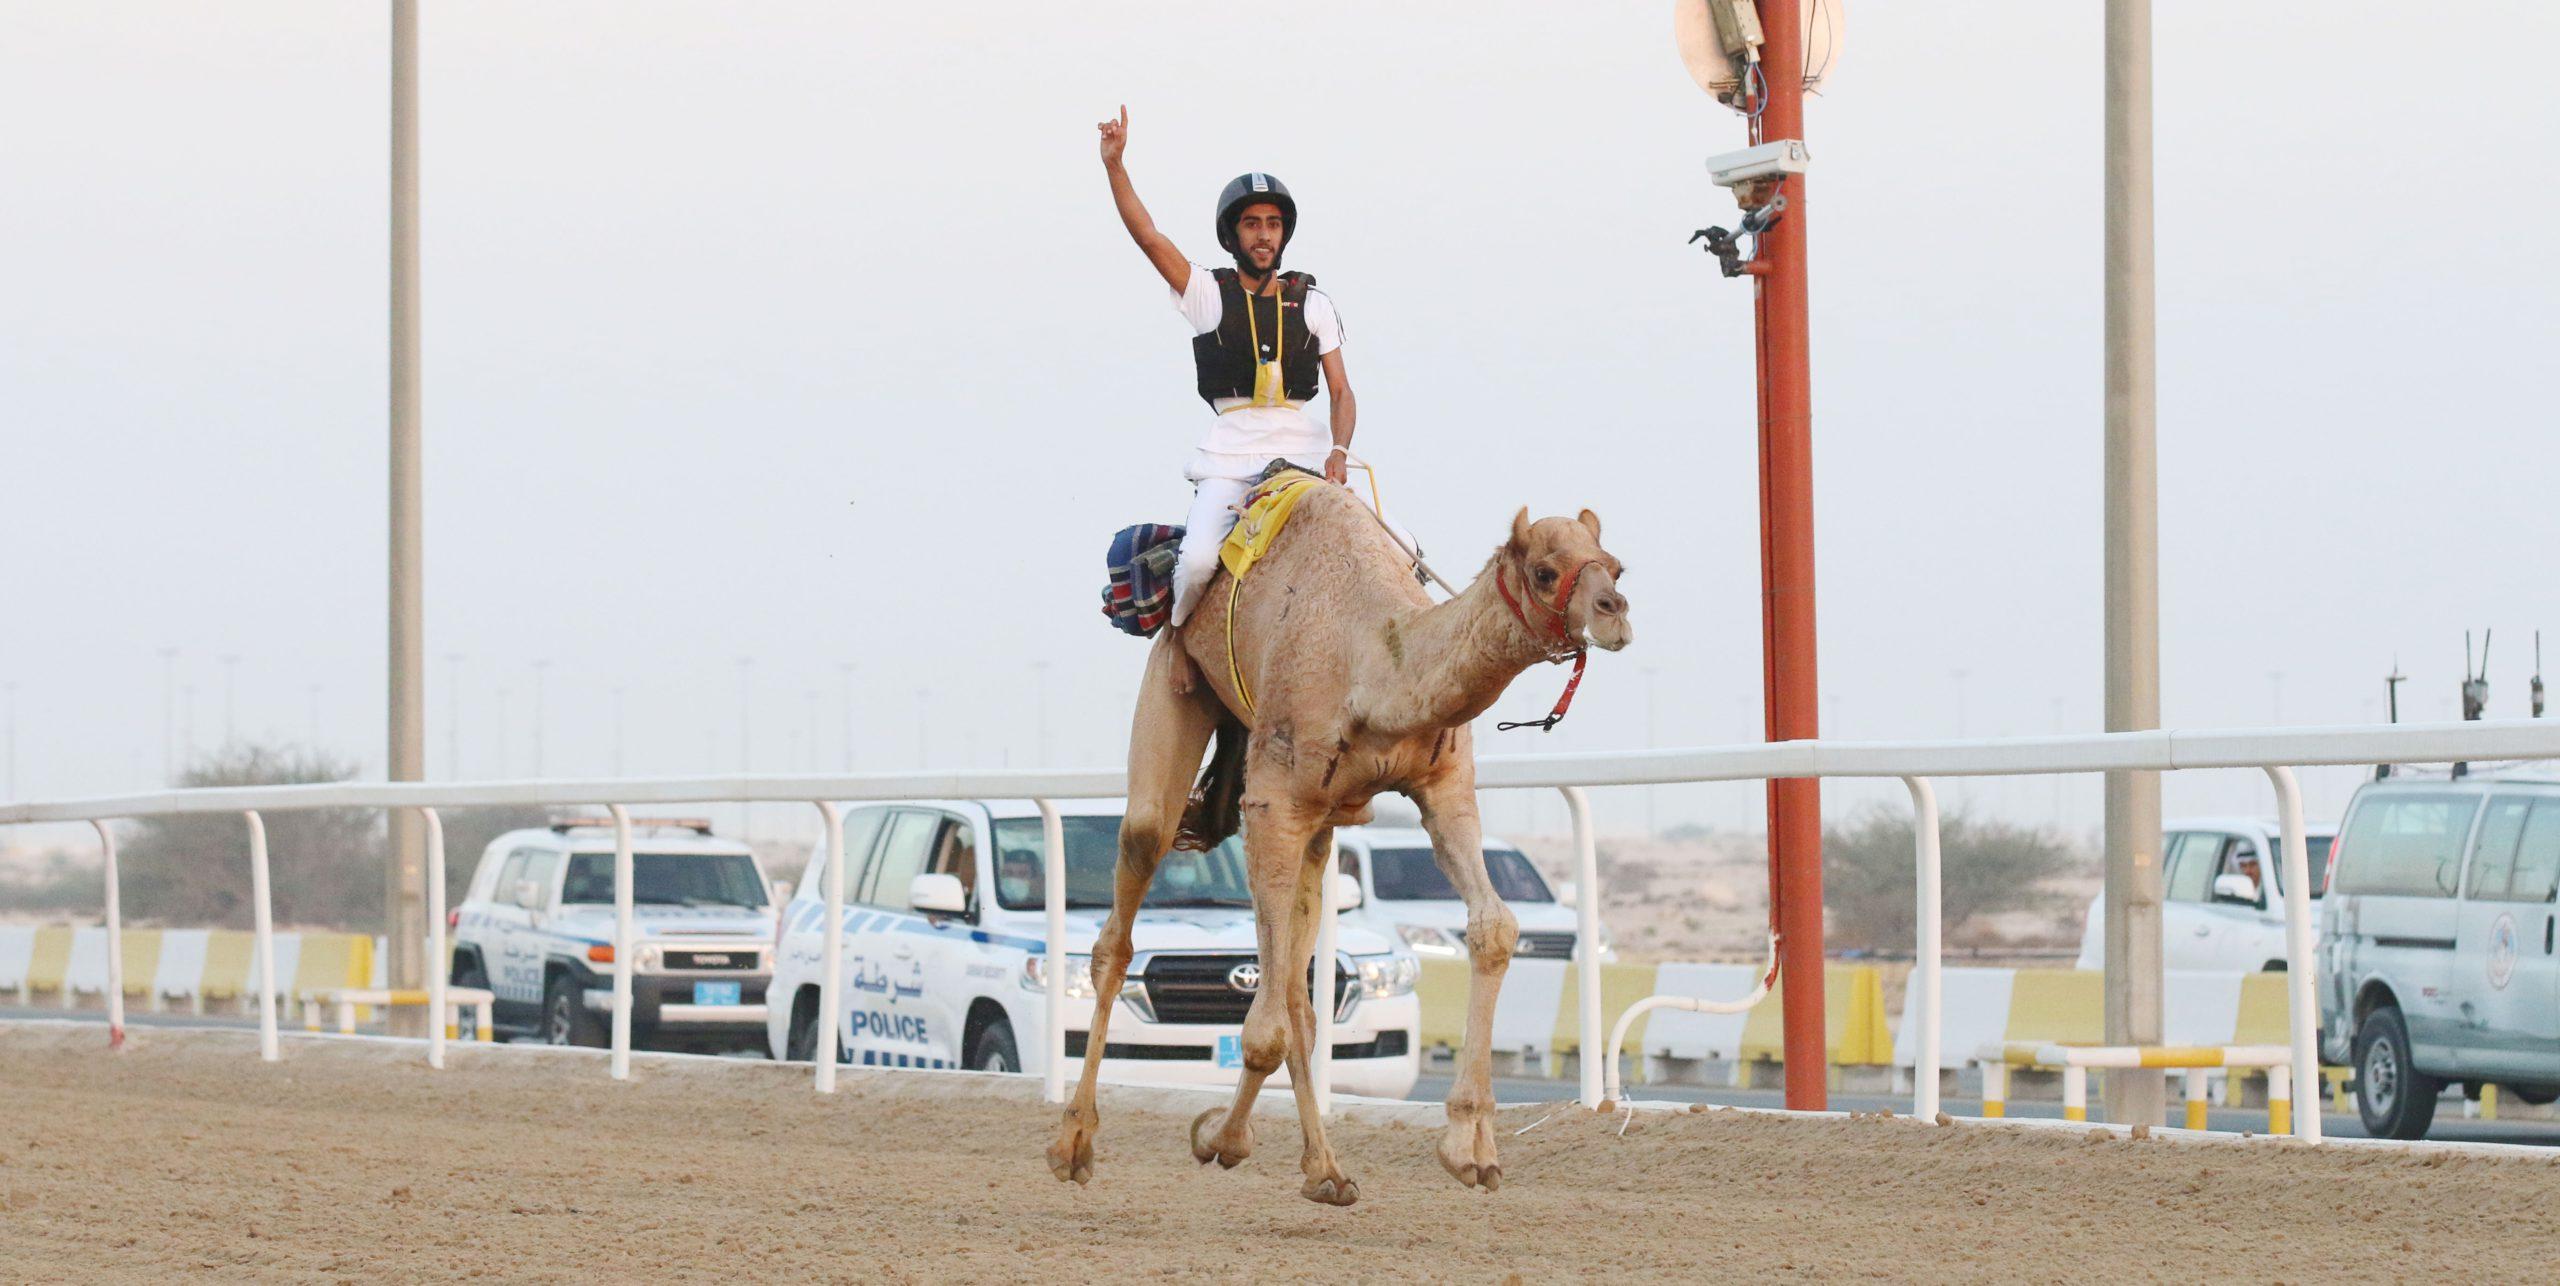 السنيد المري والصعاق والزعبي يفوزون بسيارات السباق التراثي